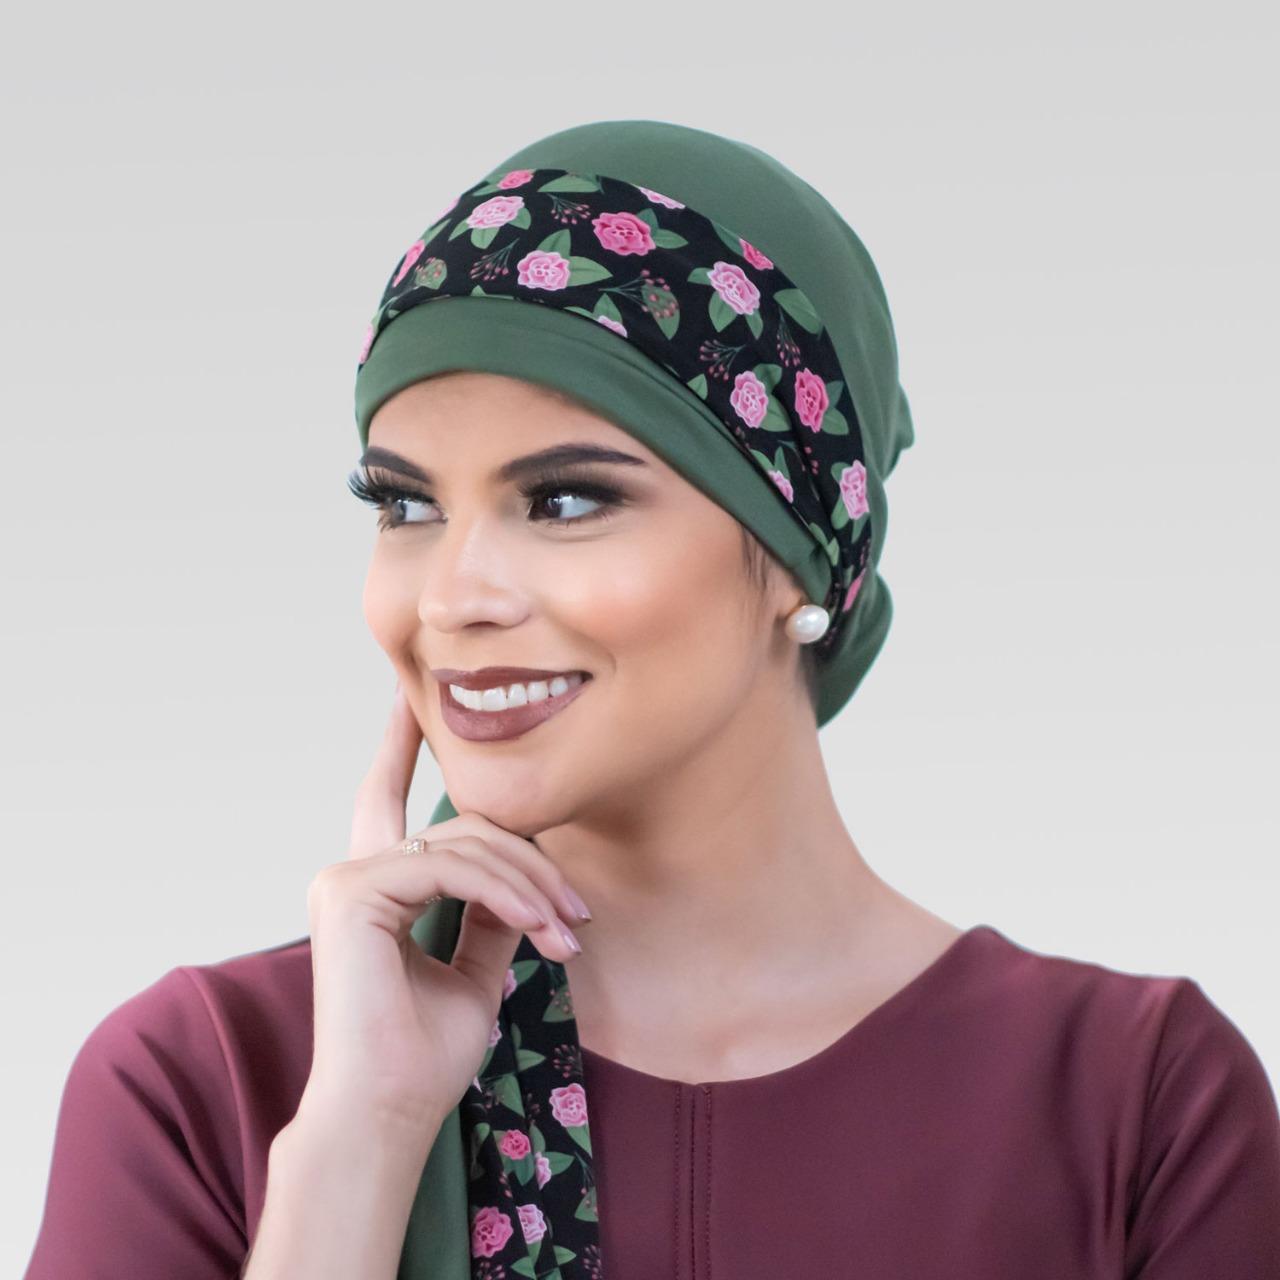 Turbante Verde Musgo + Faixa Rosas